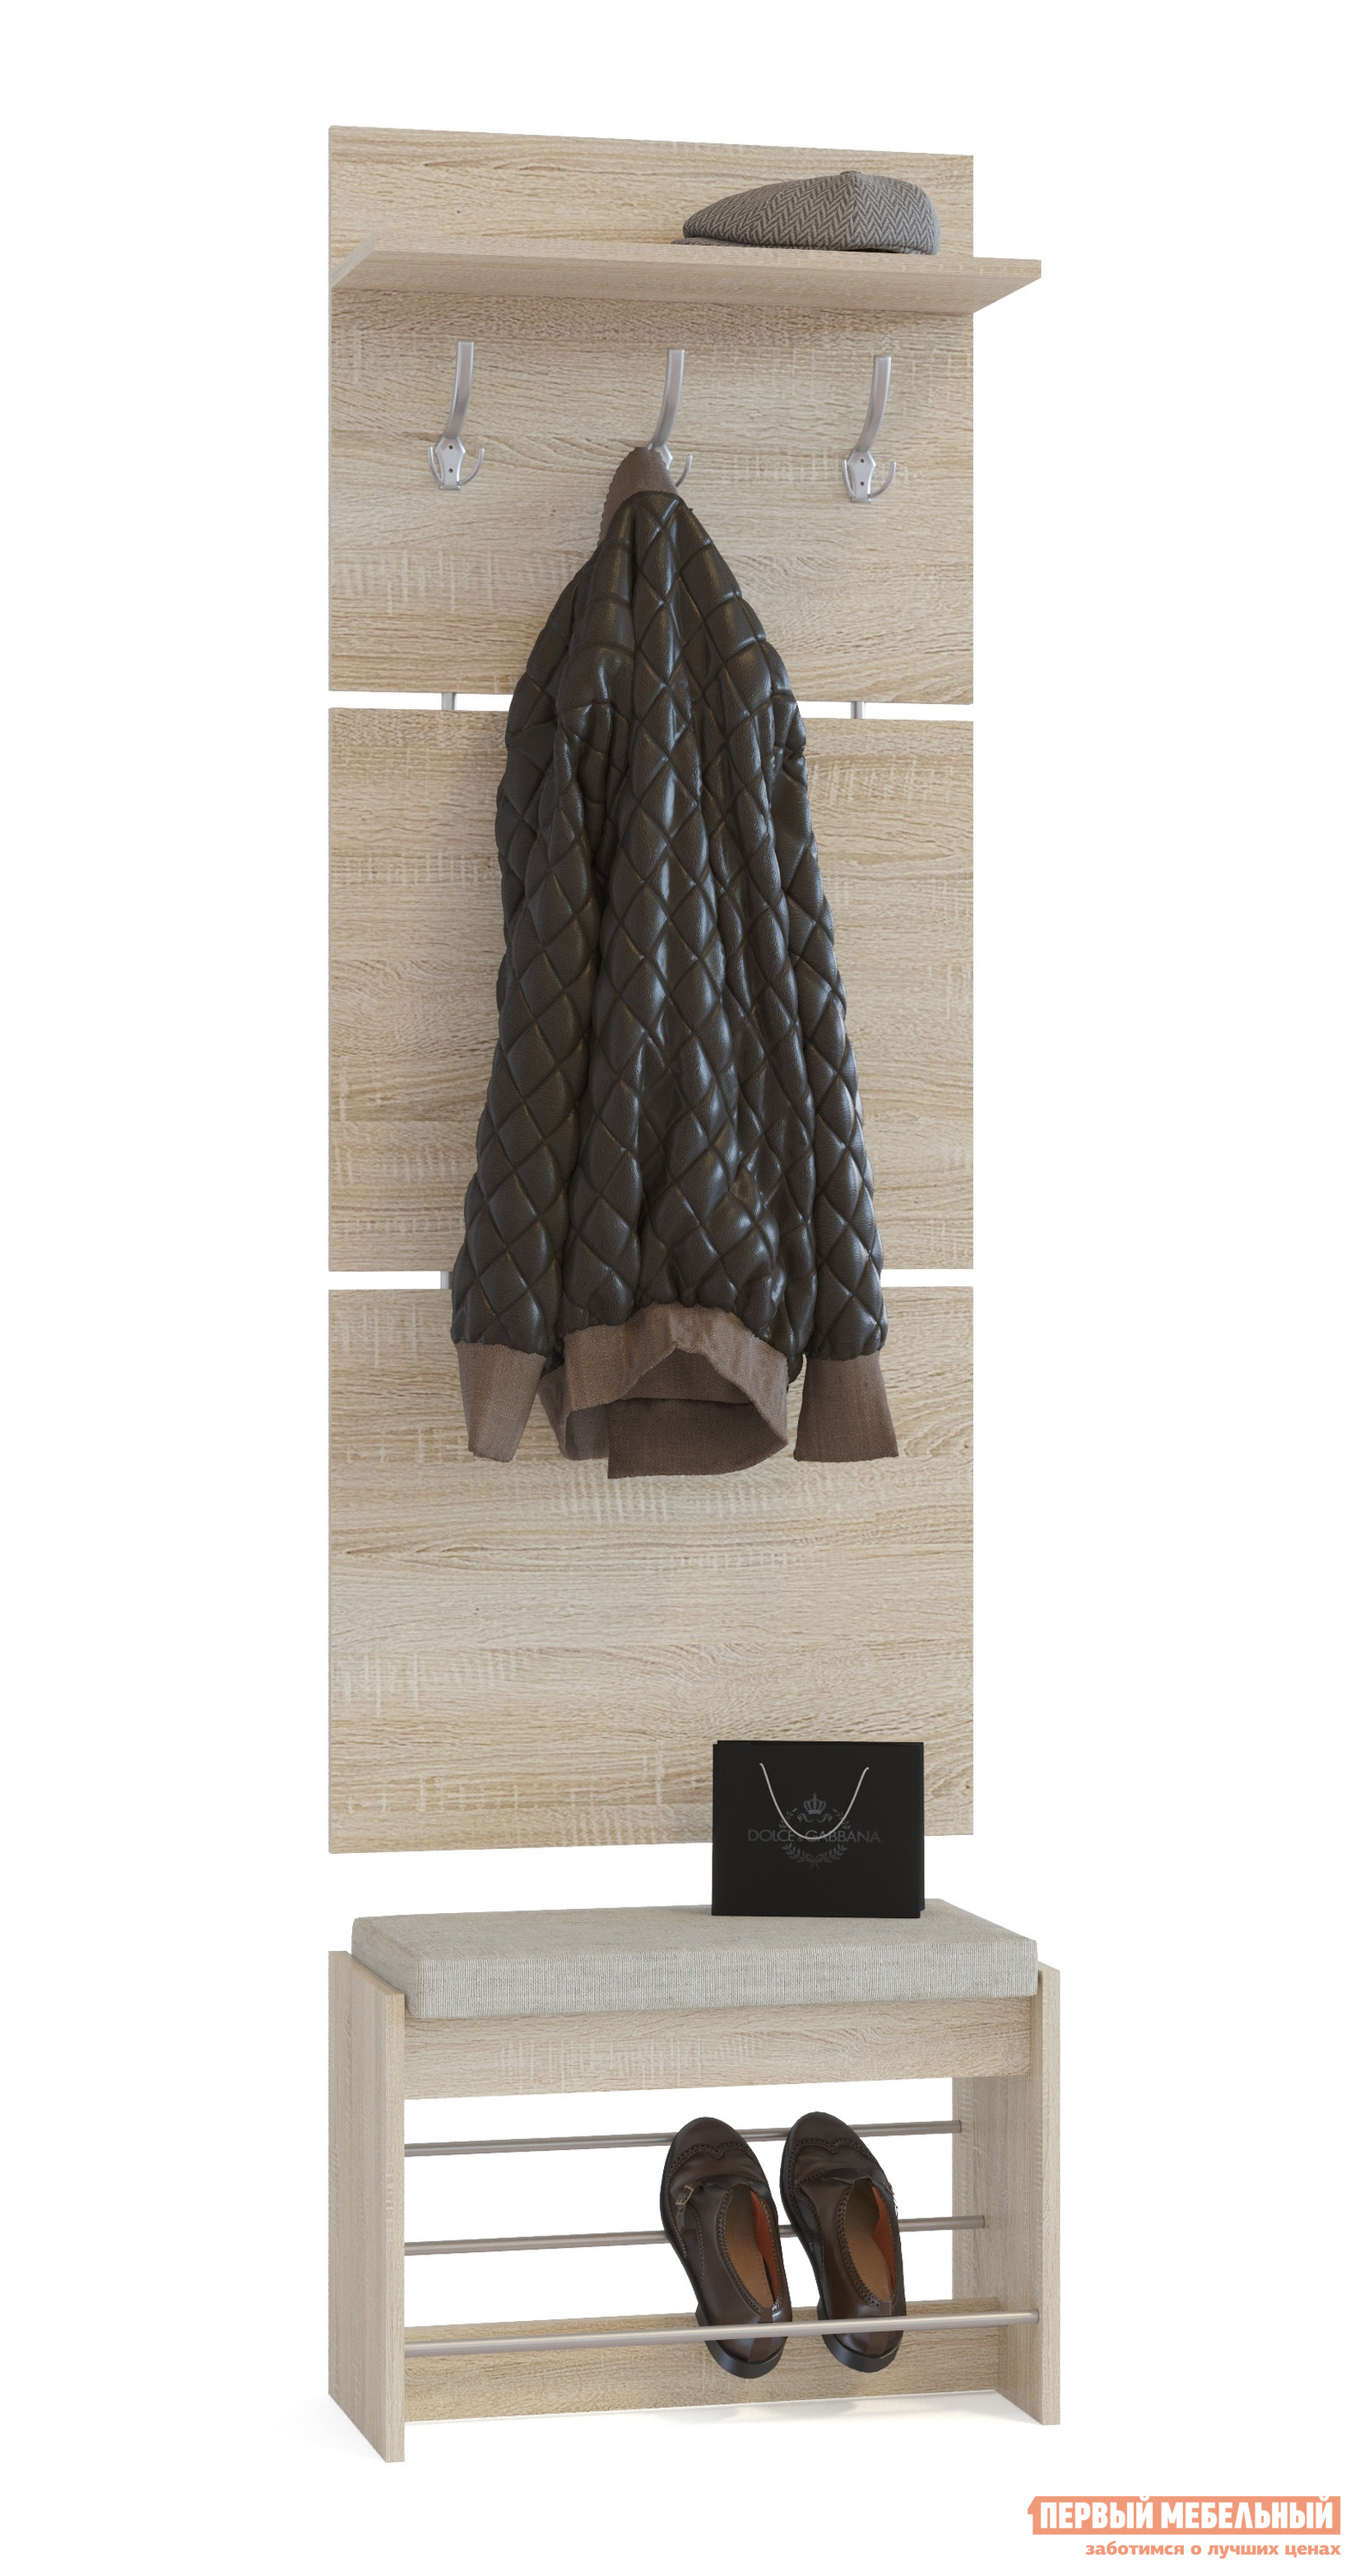 Прихожая Сокол ВШ-5.1+ТП-5 Дуб СономаПрихожие в коридор<br>Габаритные размеры ВхШхГ 1898x600x281 мм. Настенная вешалка с обувницей — удобный вариант для маленькой прихожей.  Модель позволит разместить сезонную одежду всей семьи.  Вешалка состоит из 3-х панелей соединенных металлическими вставками.  Полка, закрепленная над крючками для одежды, предназначена специально для головных уборов и зонтов.  Максимальная нагрузка на полку составляет 5 кг. Обувница имеет мягкое сидением, на котором удобно будет переобуваться.  Открытые полочки позволяют разместить до четырех пар обуви.  Максимальная нагрузка на обувницу — 120 кг. Модули изготавливаются из ЛДСП 16 мм, края обработаны кромкой ПВХ 0,4 мм.  Наполнение мягкого элемента на обувнице — ППУ, обивка — ткань рогожка.  Рекомендуем сохранить инструкцию по сборке (паспорт изделия) до истечения гарантийного срока.<br><br>Цвет: Светлое дерево<br>Высота мм: 1898<br>Ширина мм: 600<br>Глубина мм: 281<br>Кол-во упаковок: 2<br>Форма поставки: В разобранном виде<br>Срок гарантии: 2 года<br>Тип: Прямые<br>Характеристика: Модульные<br>Материал: ЛДСП<br>Размер: Маленькие<br>Размер: Узкие<br>Размер: Глубина до 30 см<br>Размер: Глубина до 35 см<br>С сиденьем: Да<br>С открытой вешалкой: Да<br>С обувницей: Да<br>Без шкафа: Да